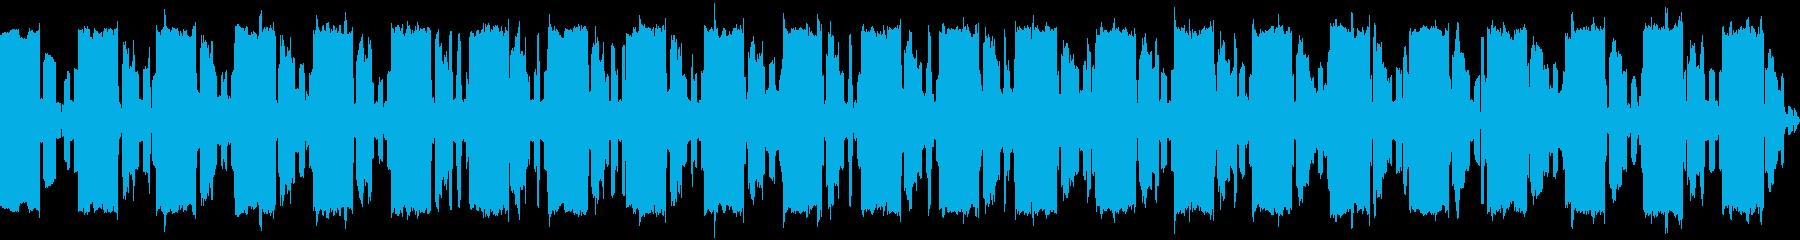 コミュニケーションとデータ送信の効...の再生済みの波形